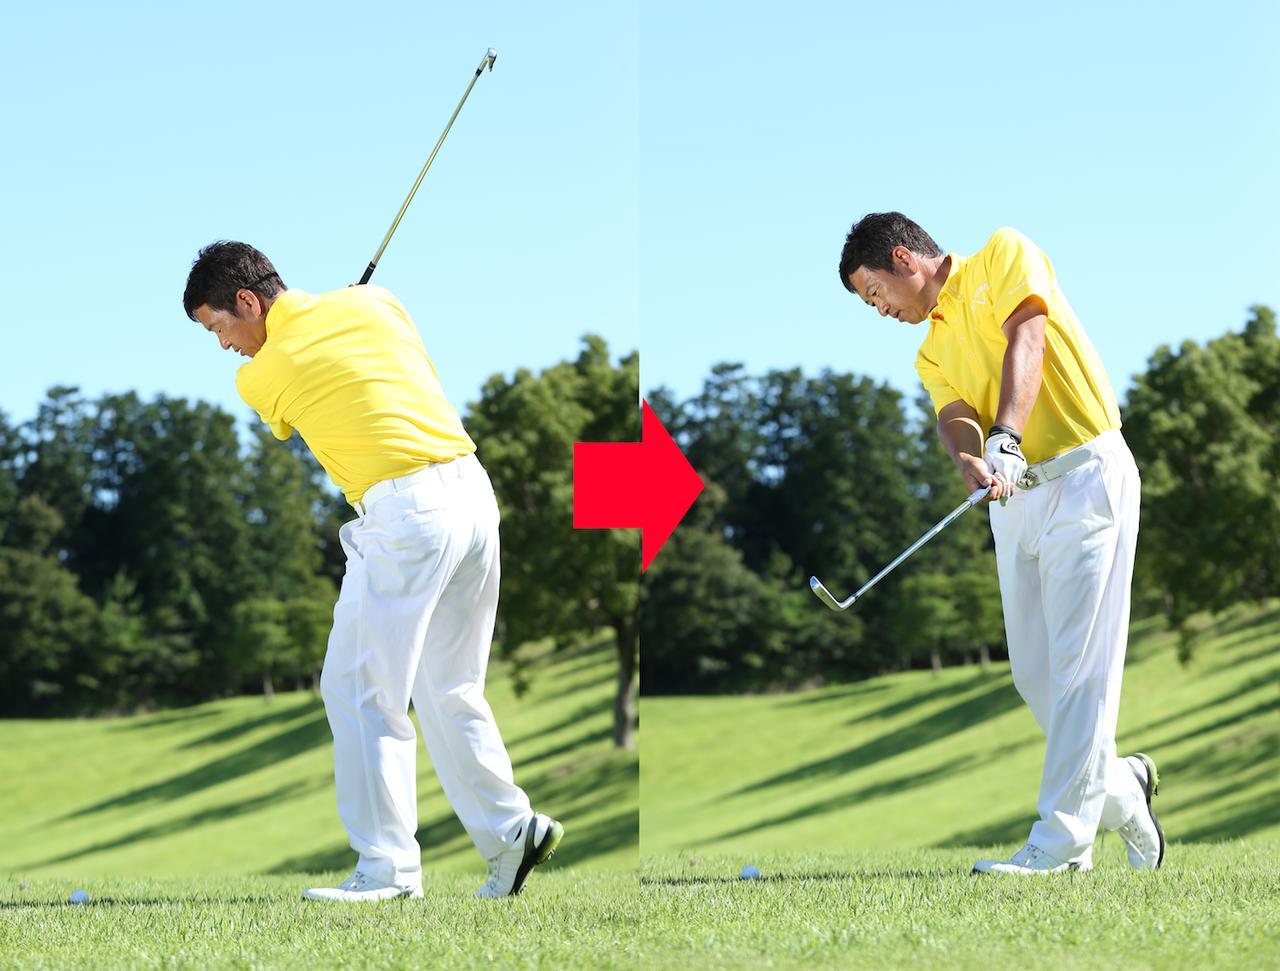 画像: 右足を後ろに引いて、つま先立ち。体重はゆるやかにひざを曲げた左足にほぼすべて乗った状態だ。この状態でテークバックし、左ひざを伸ばしながら打ってみよう。